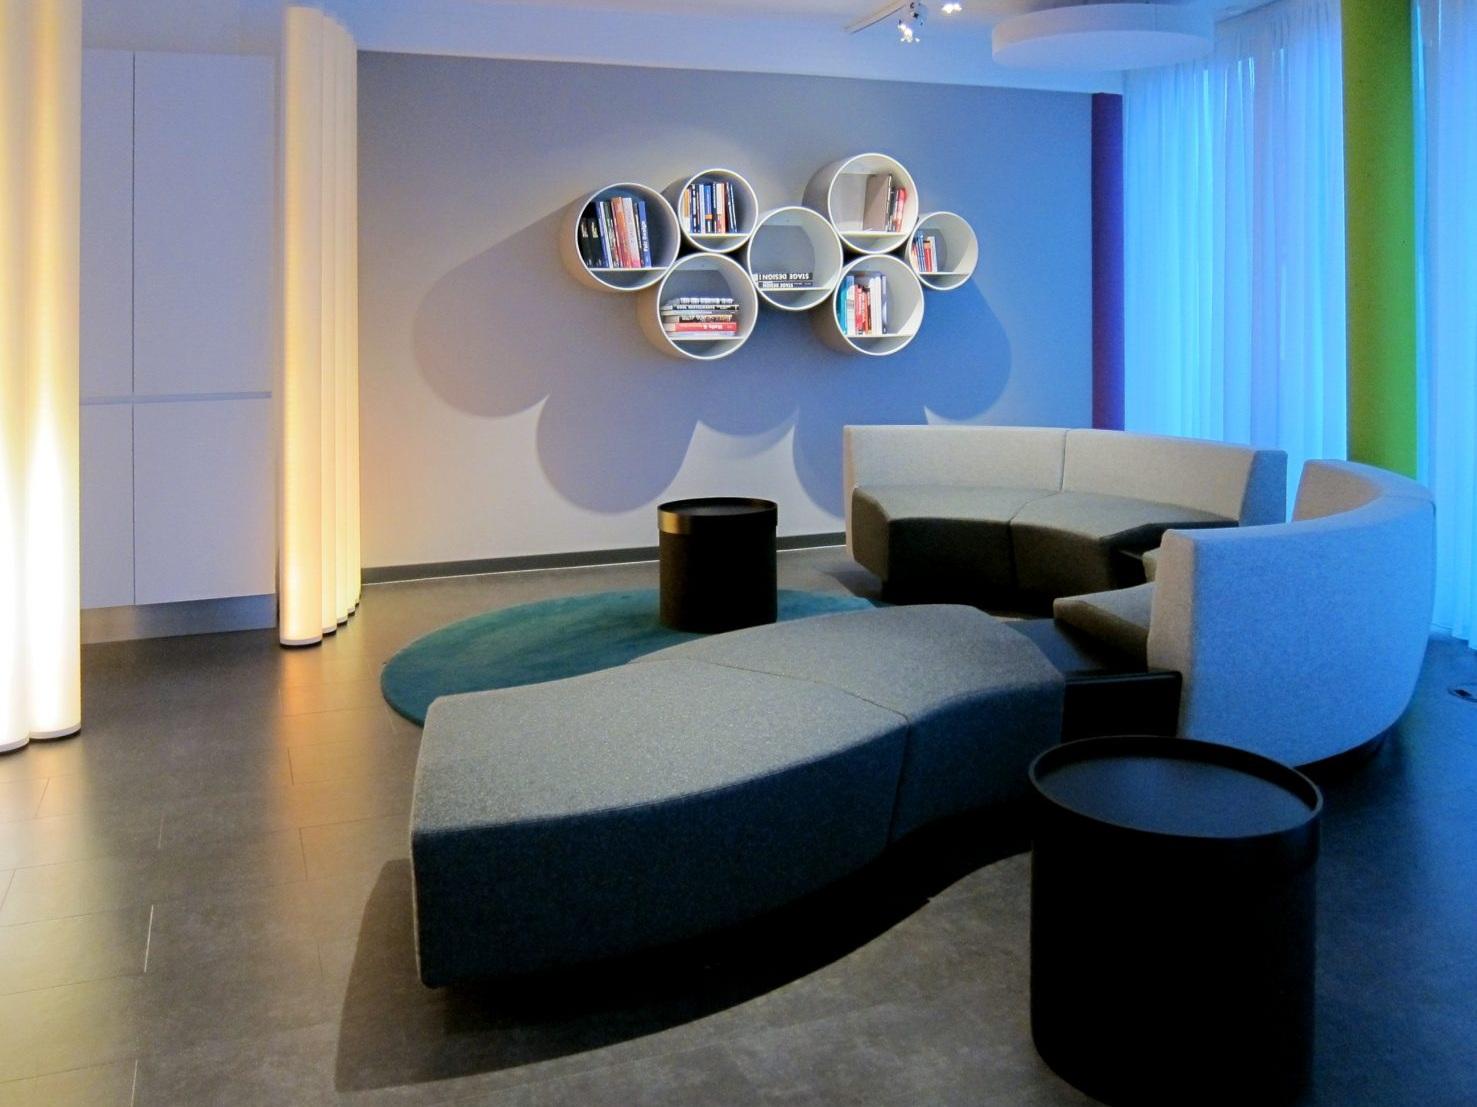 Pausen- und Präsentationsraum - Lounge und Regale